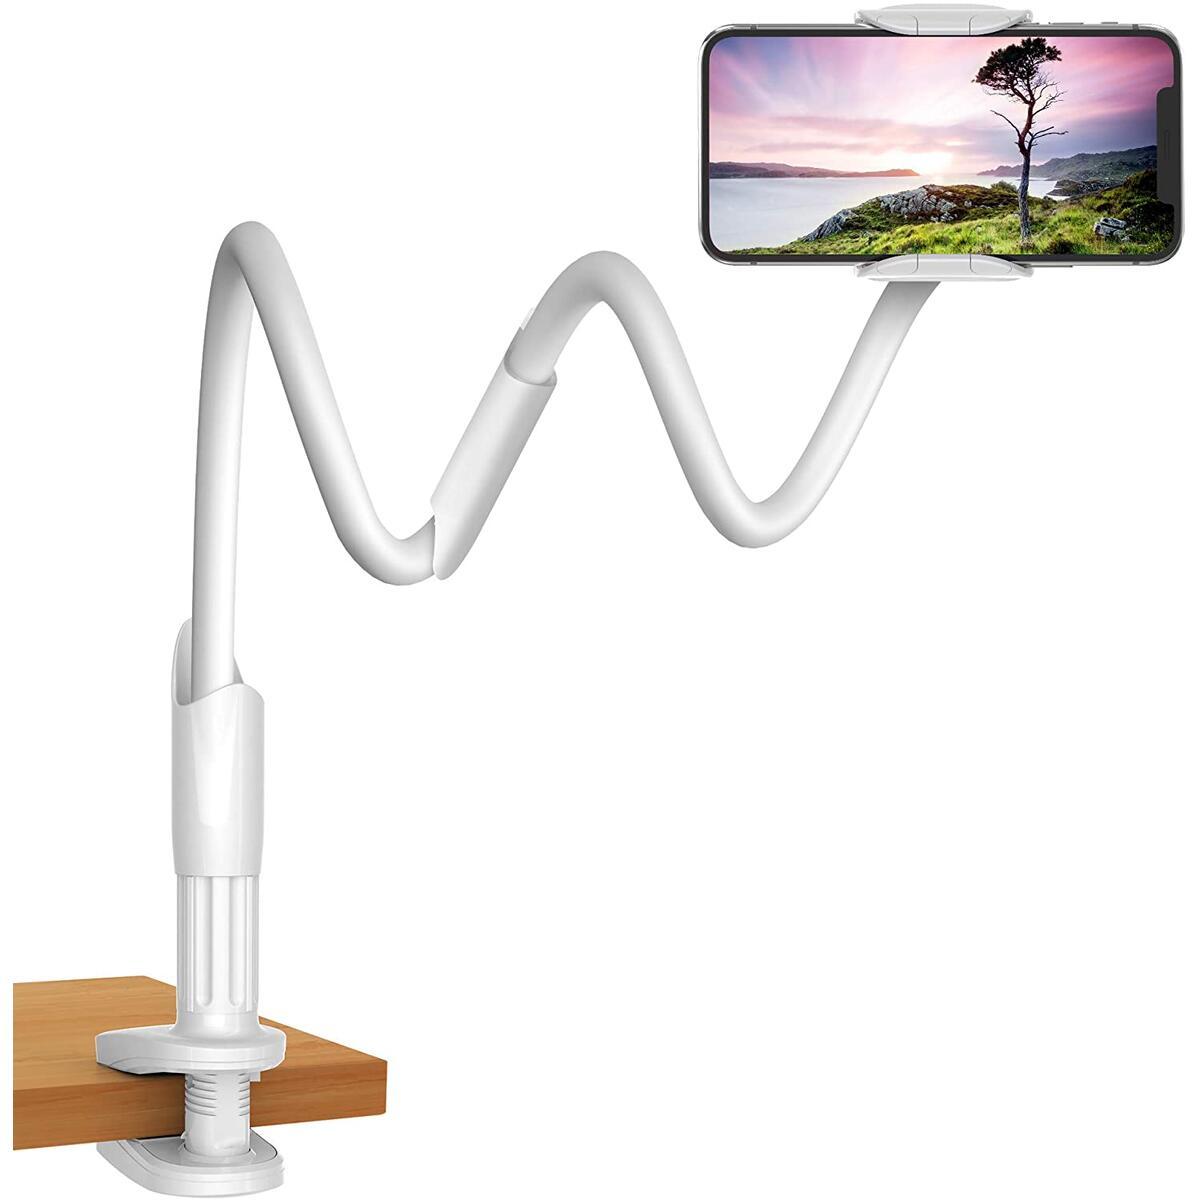 Gooseneck Phone & Tablet Holder for Desk, Night Stand, Headboard - White